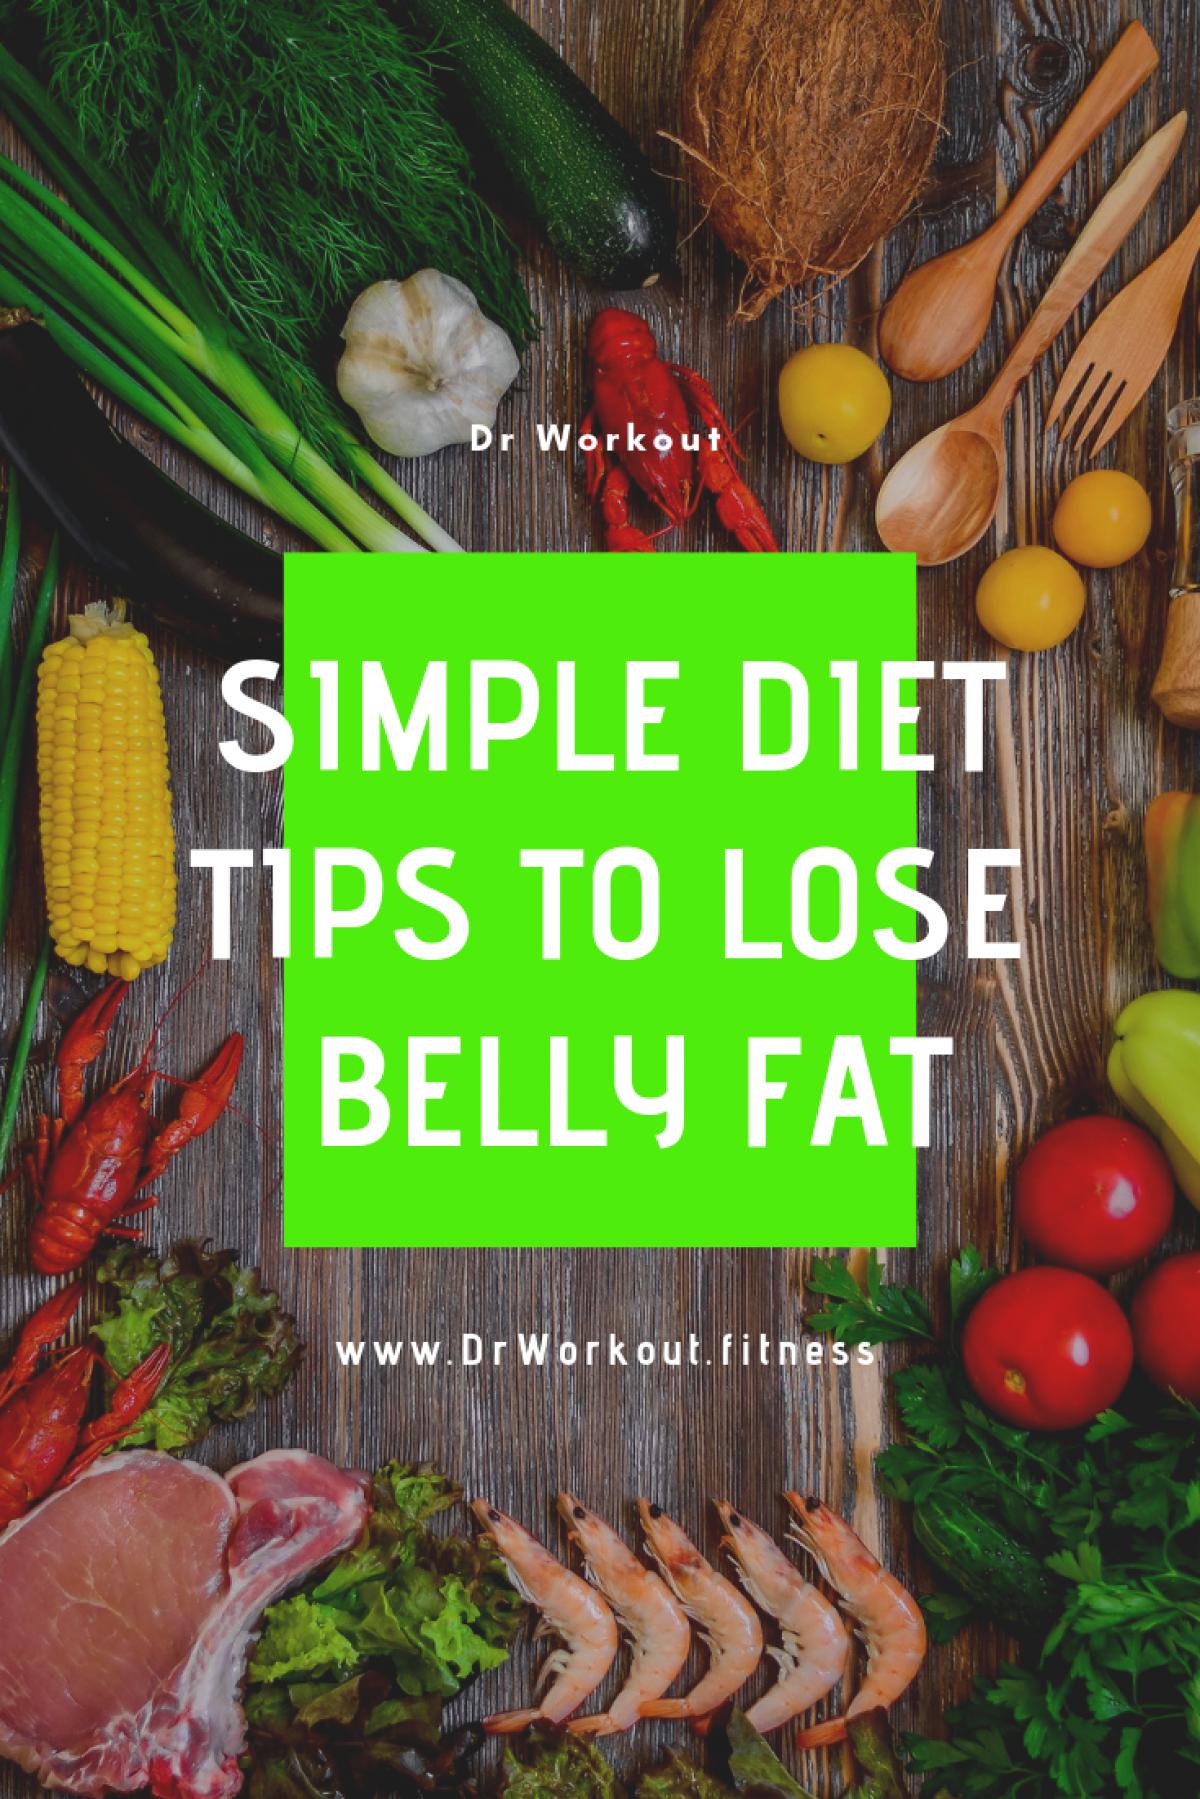 Food that burn belly fat